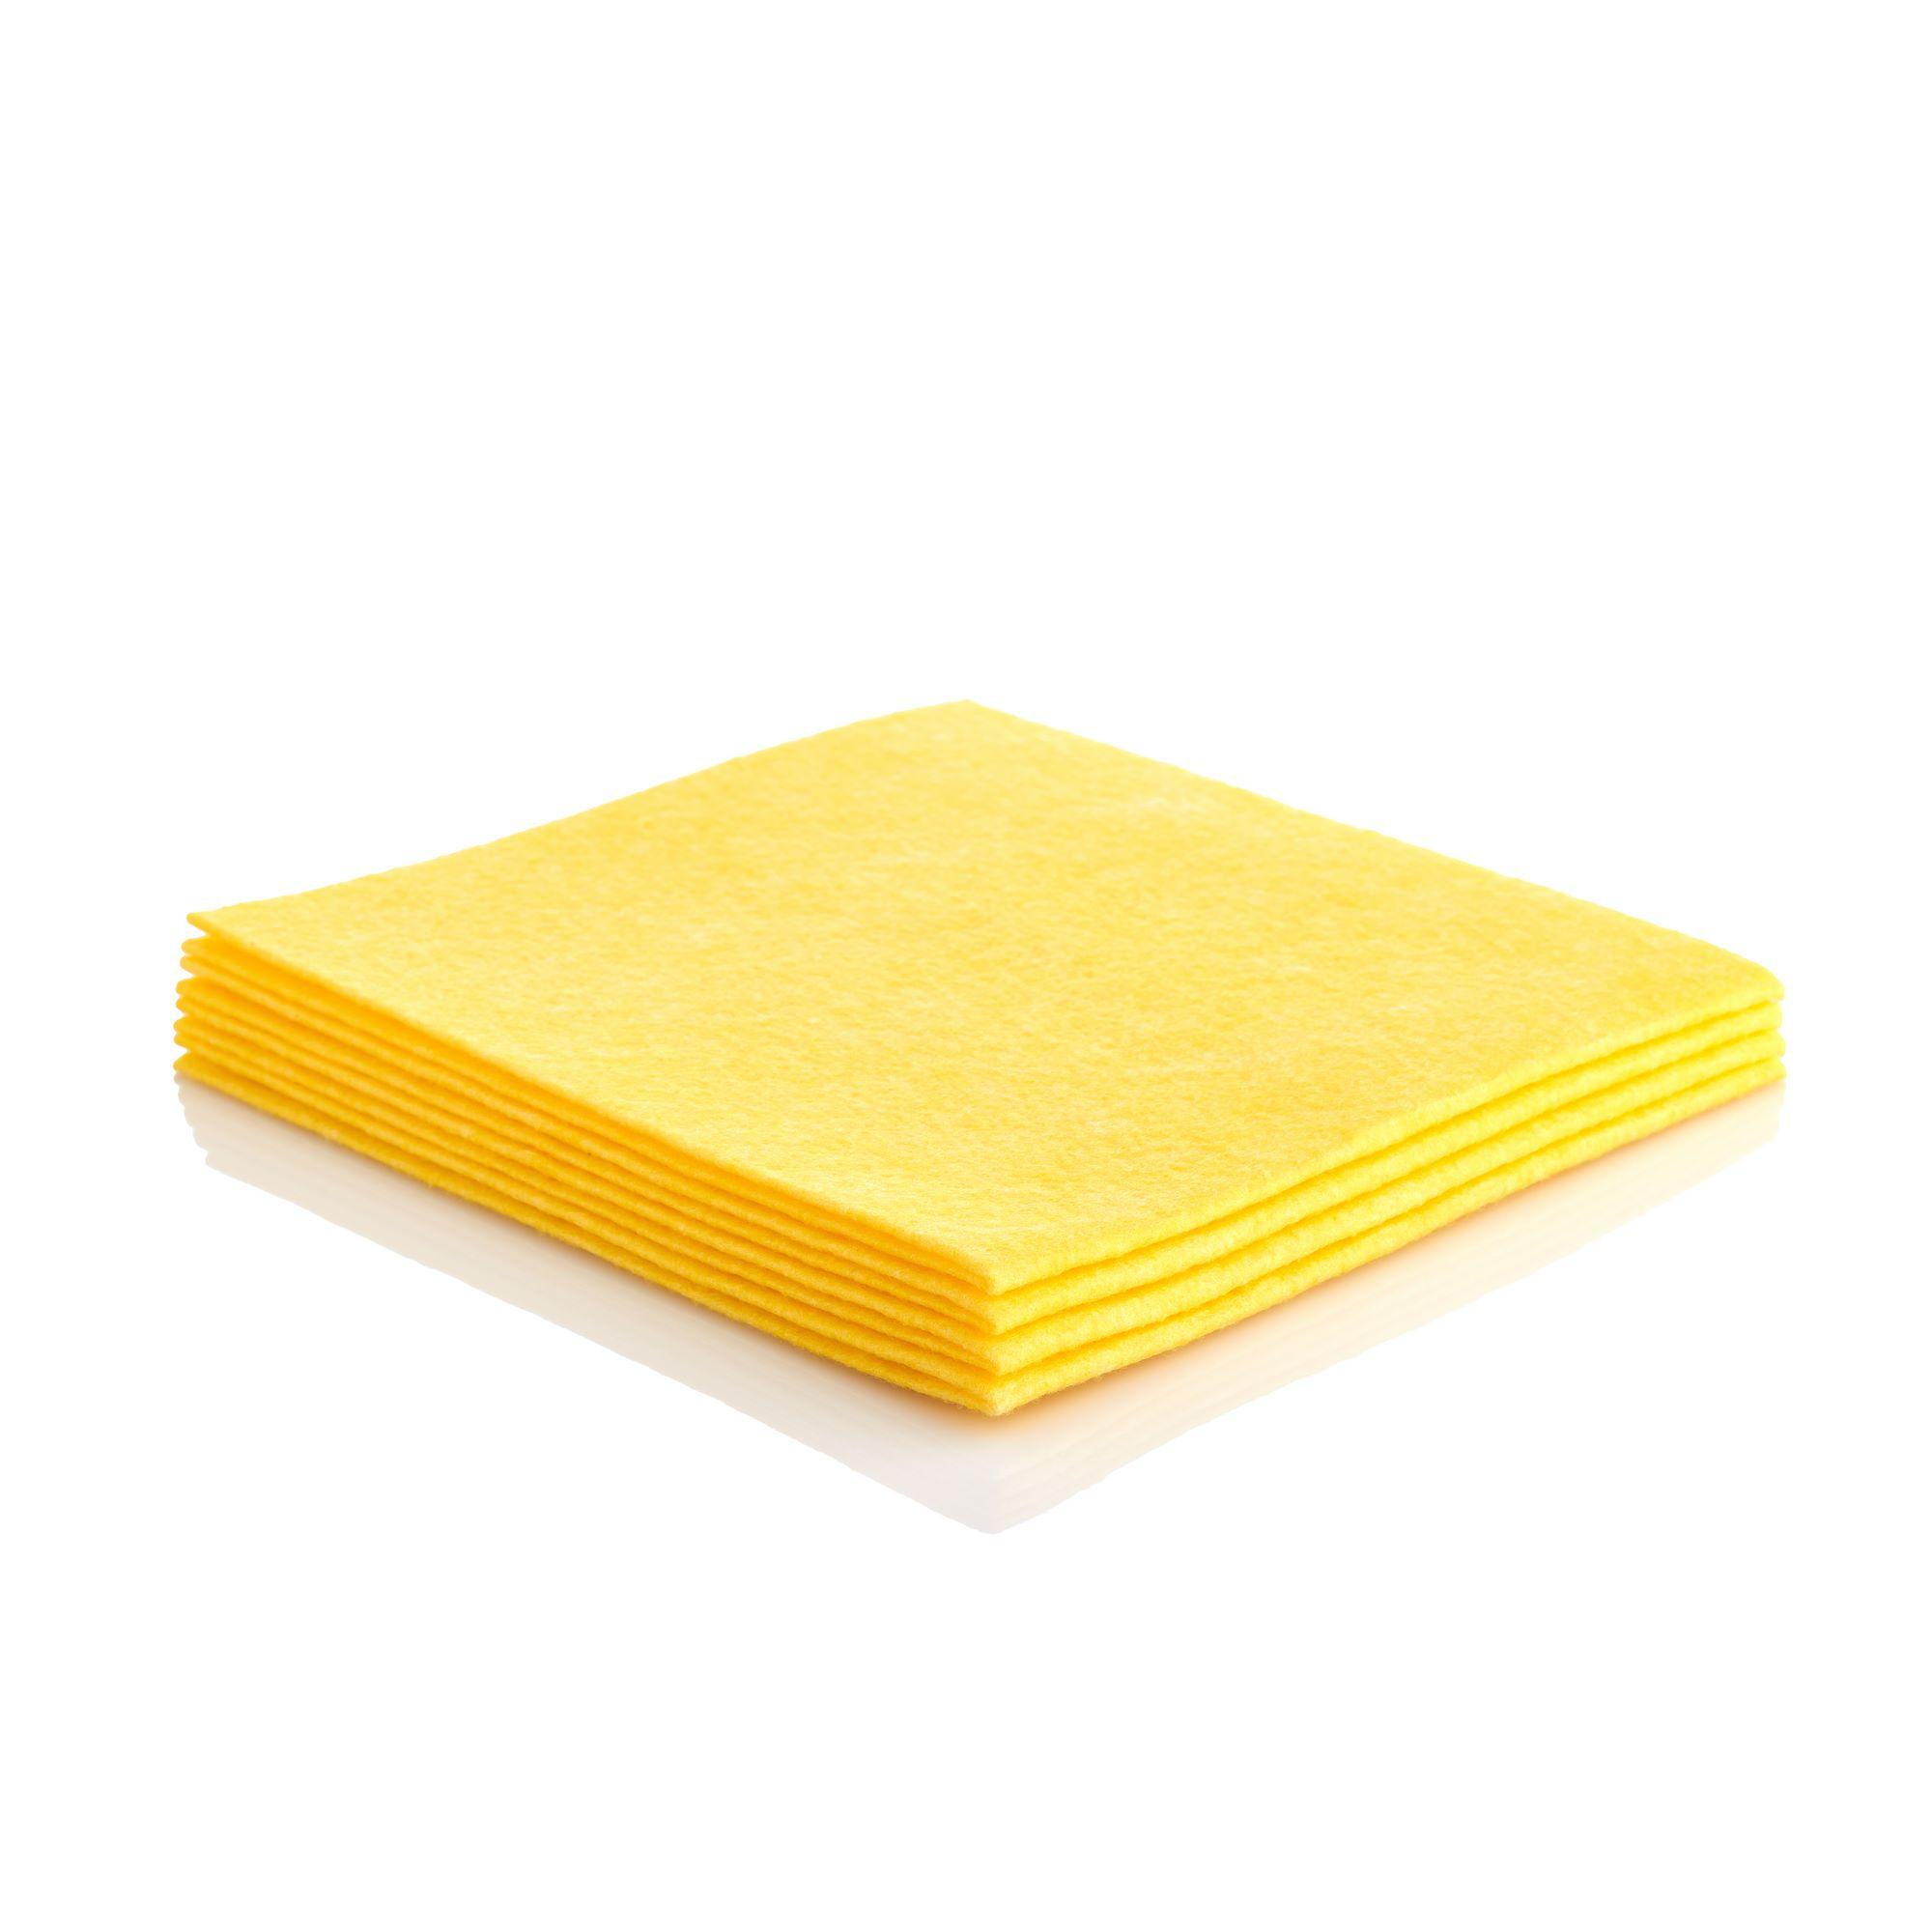 Wipe - yellow